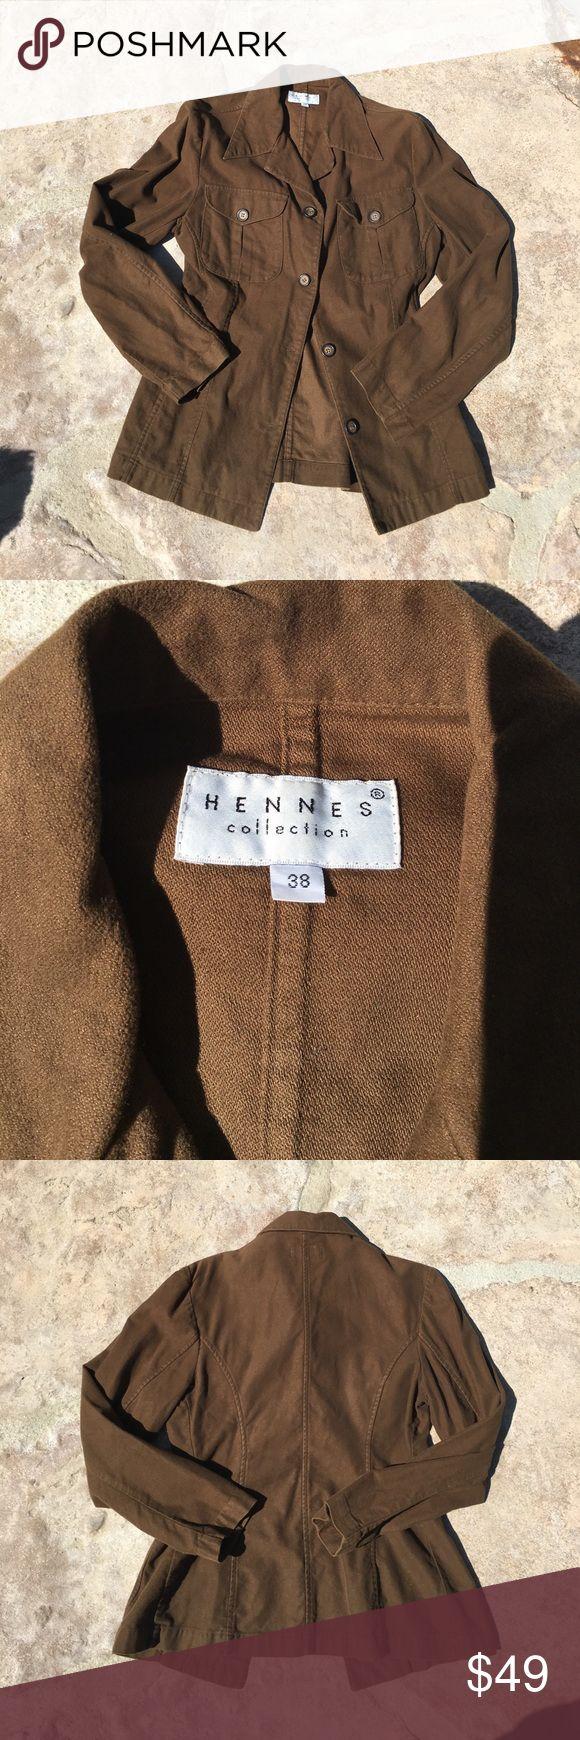 H&M Olive Green Blazer Sz S Excellent condition, 100% cotton H&M Jackets & Coats Blazers